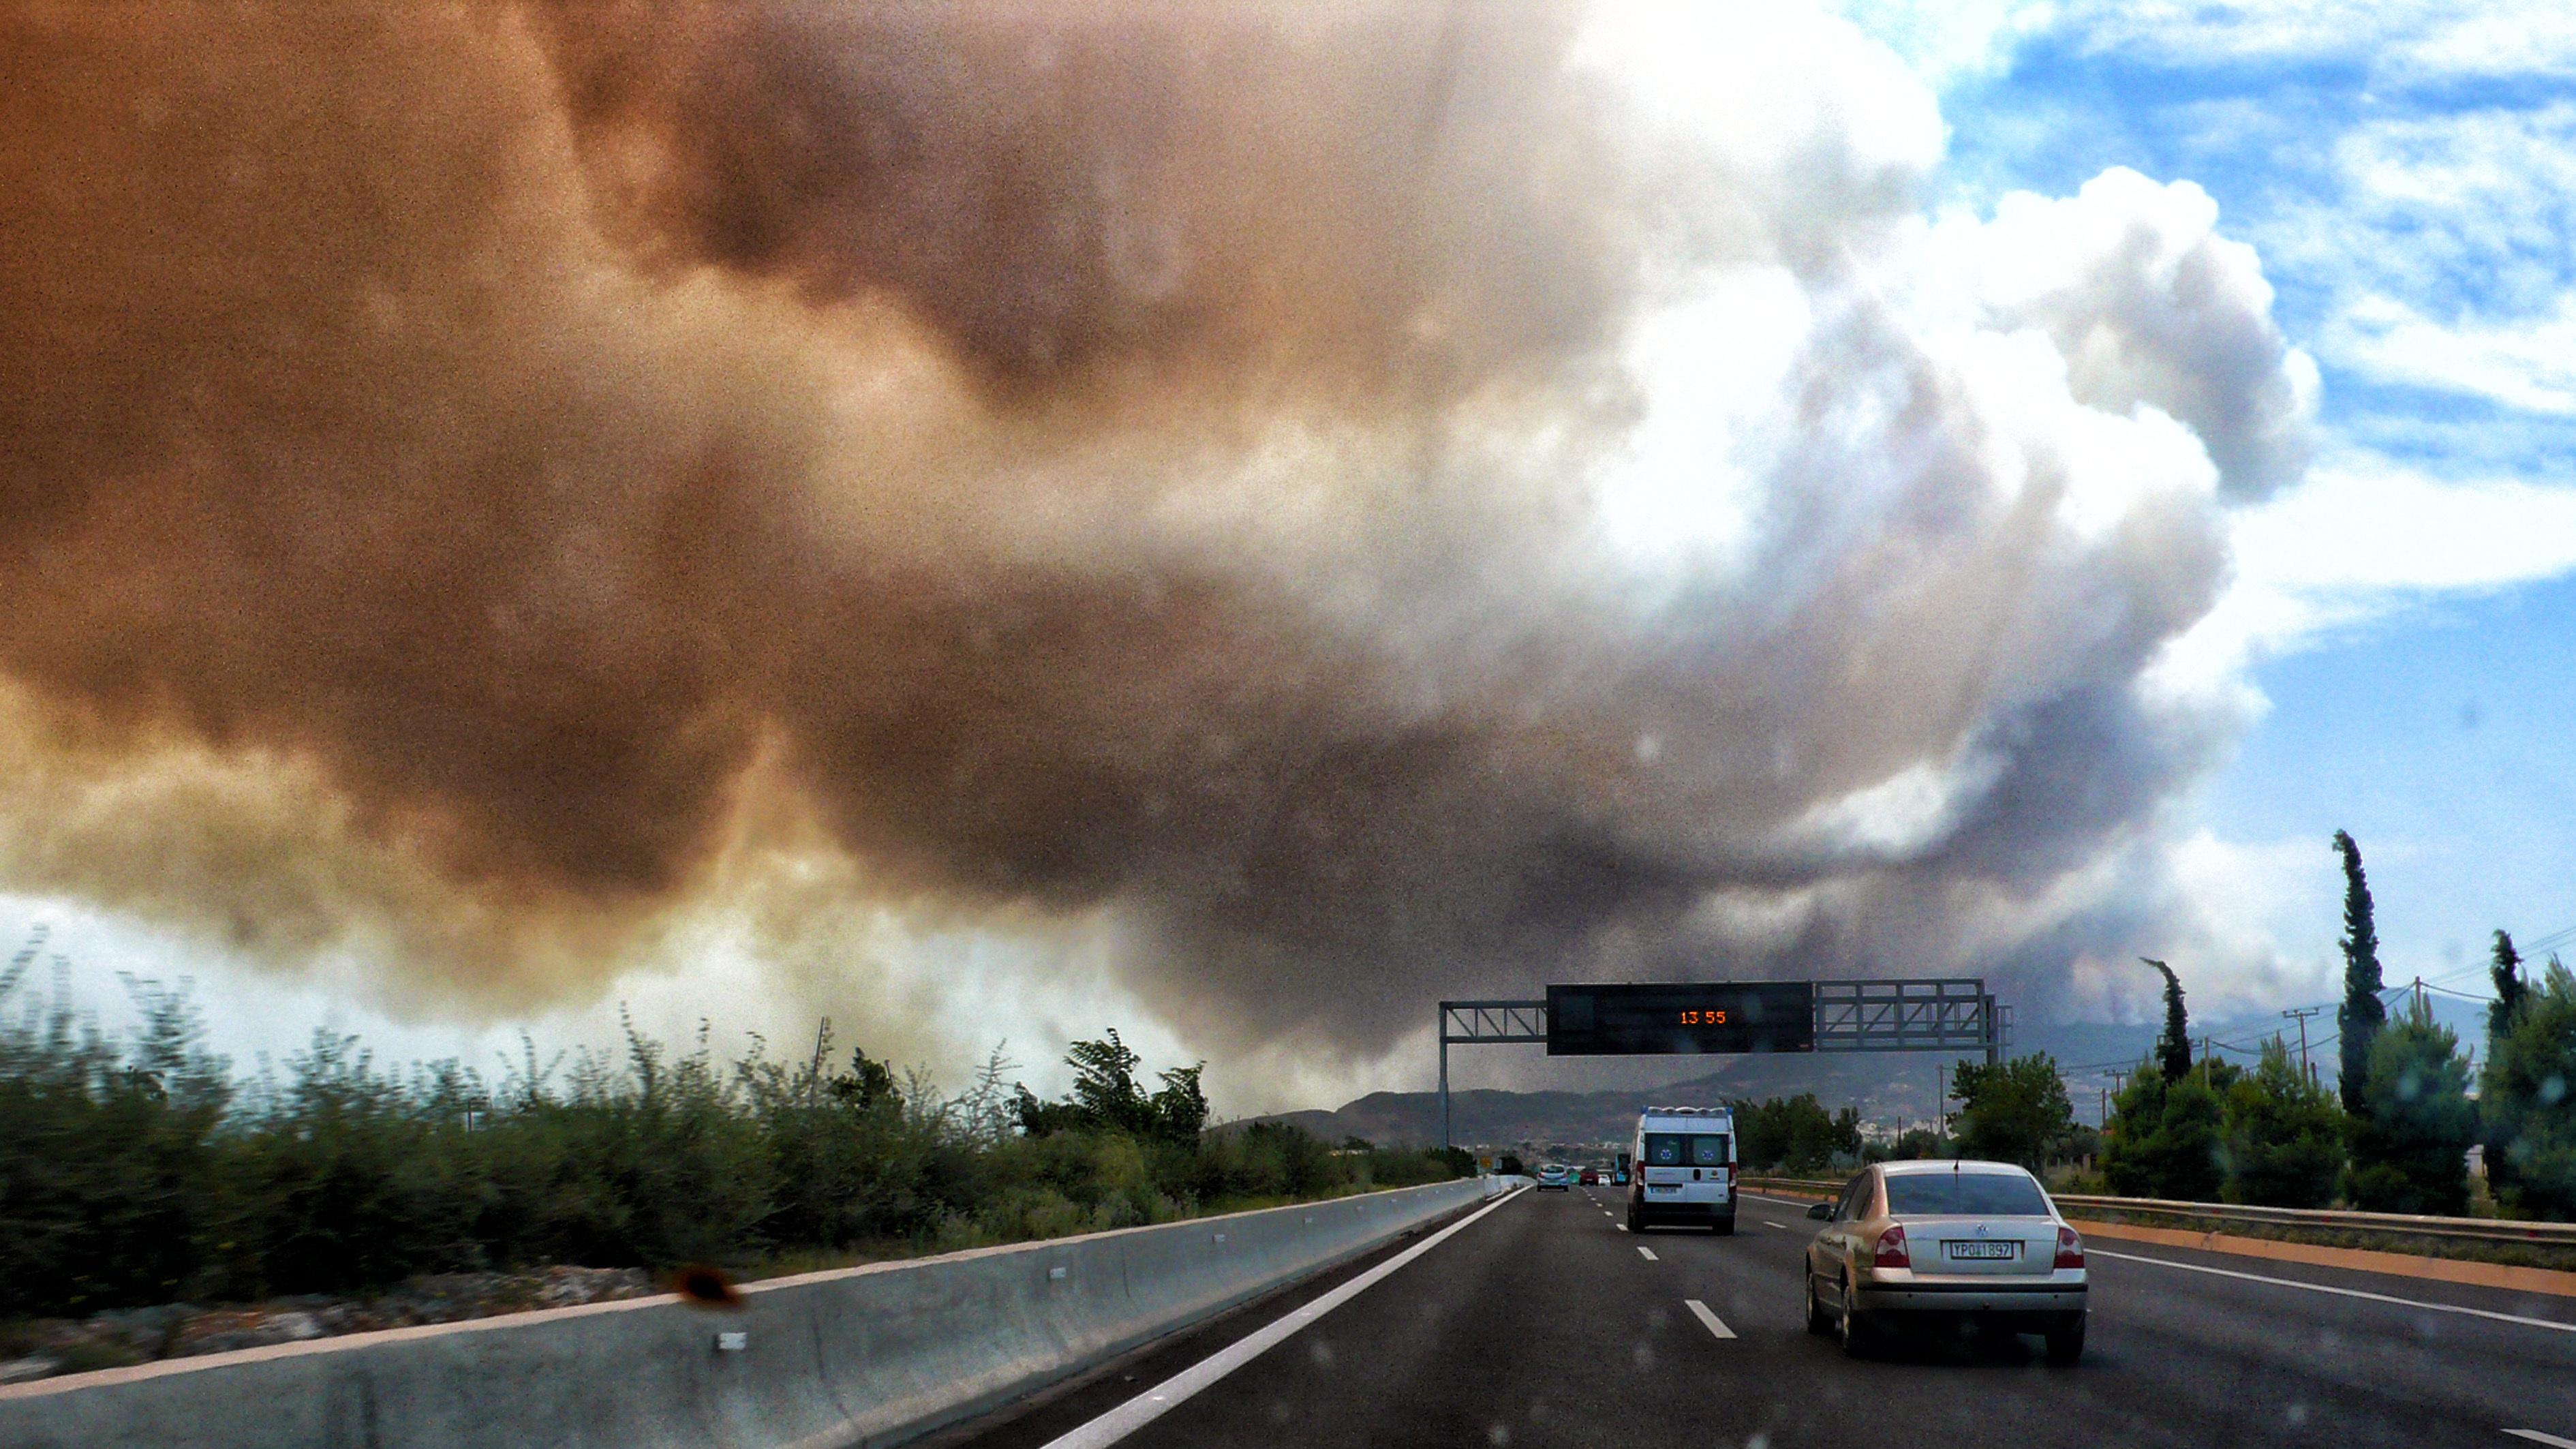 eikones-oloklirotikis-katastrofis-apo-tis-pyrkagies-foto-amp-8211-vinteo36